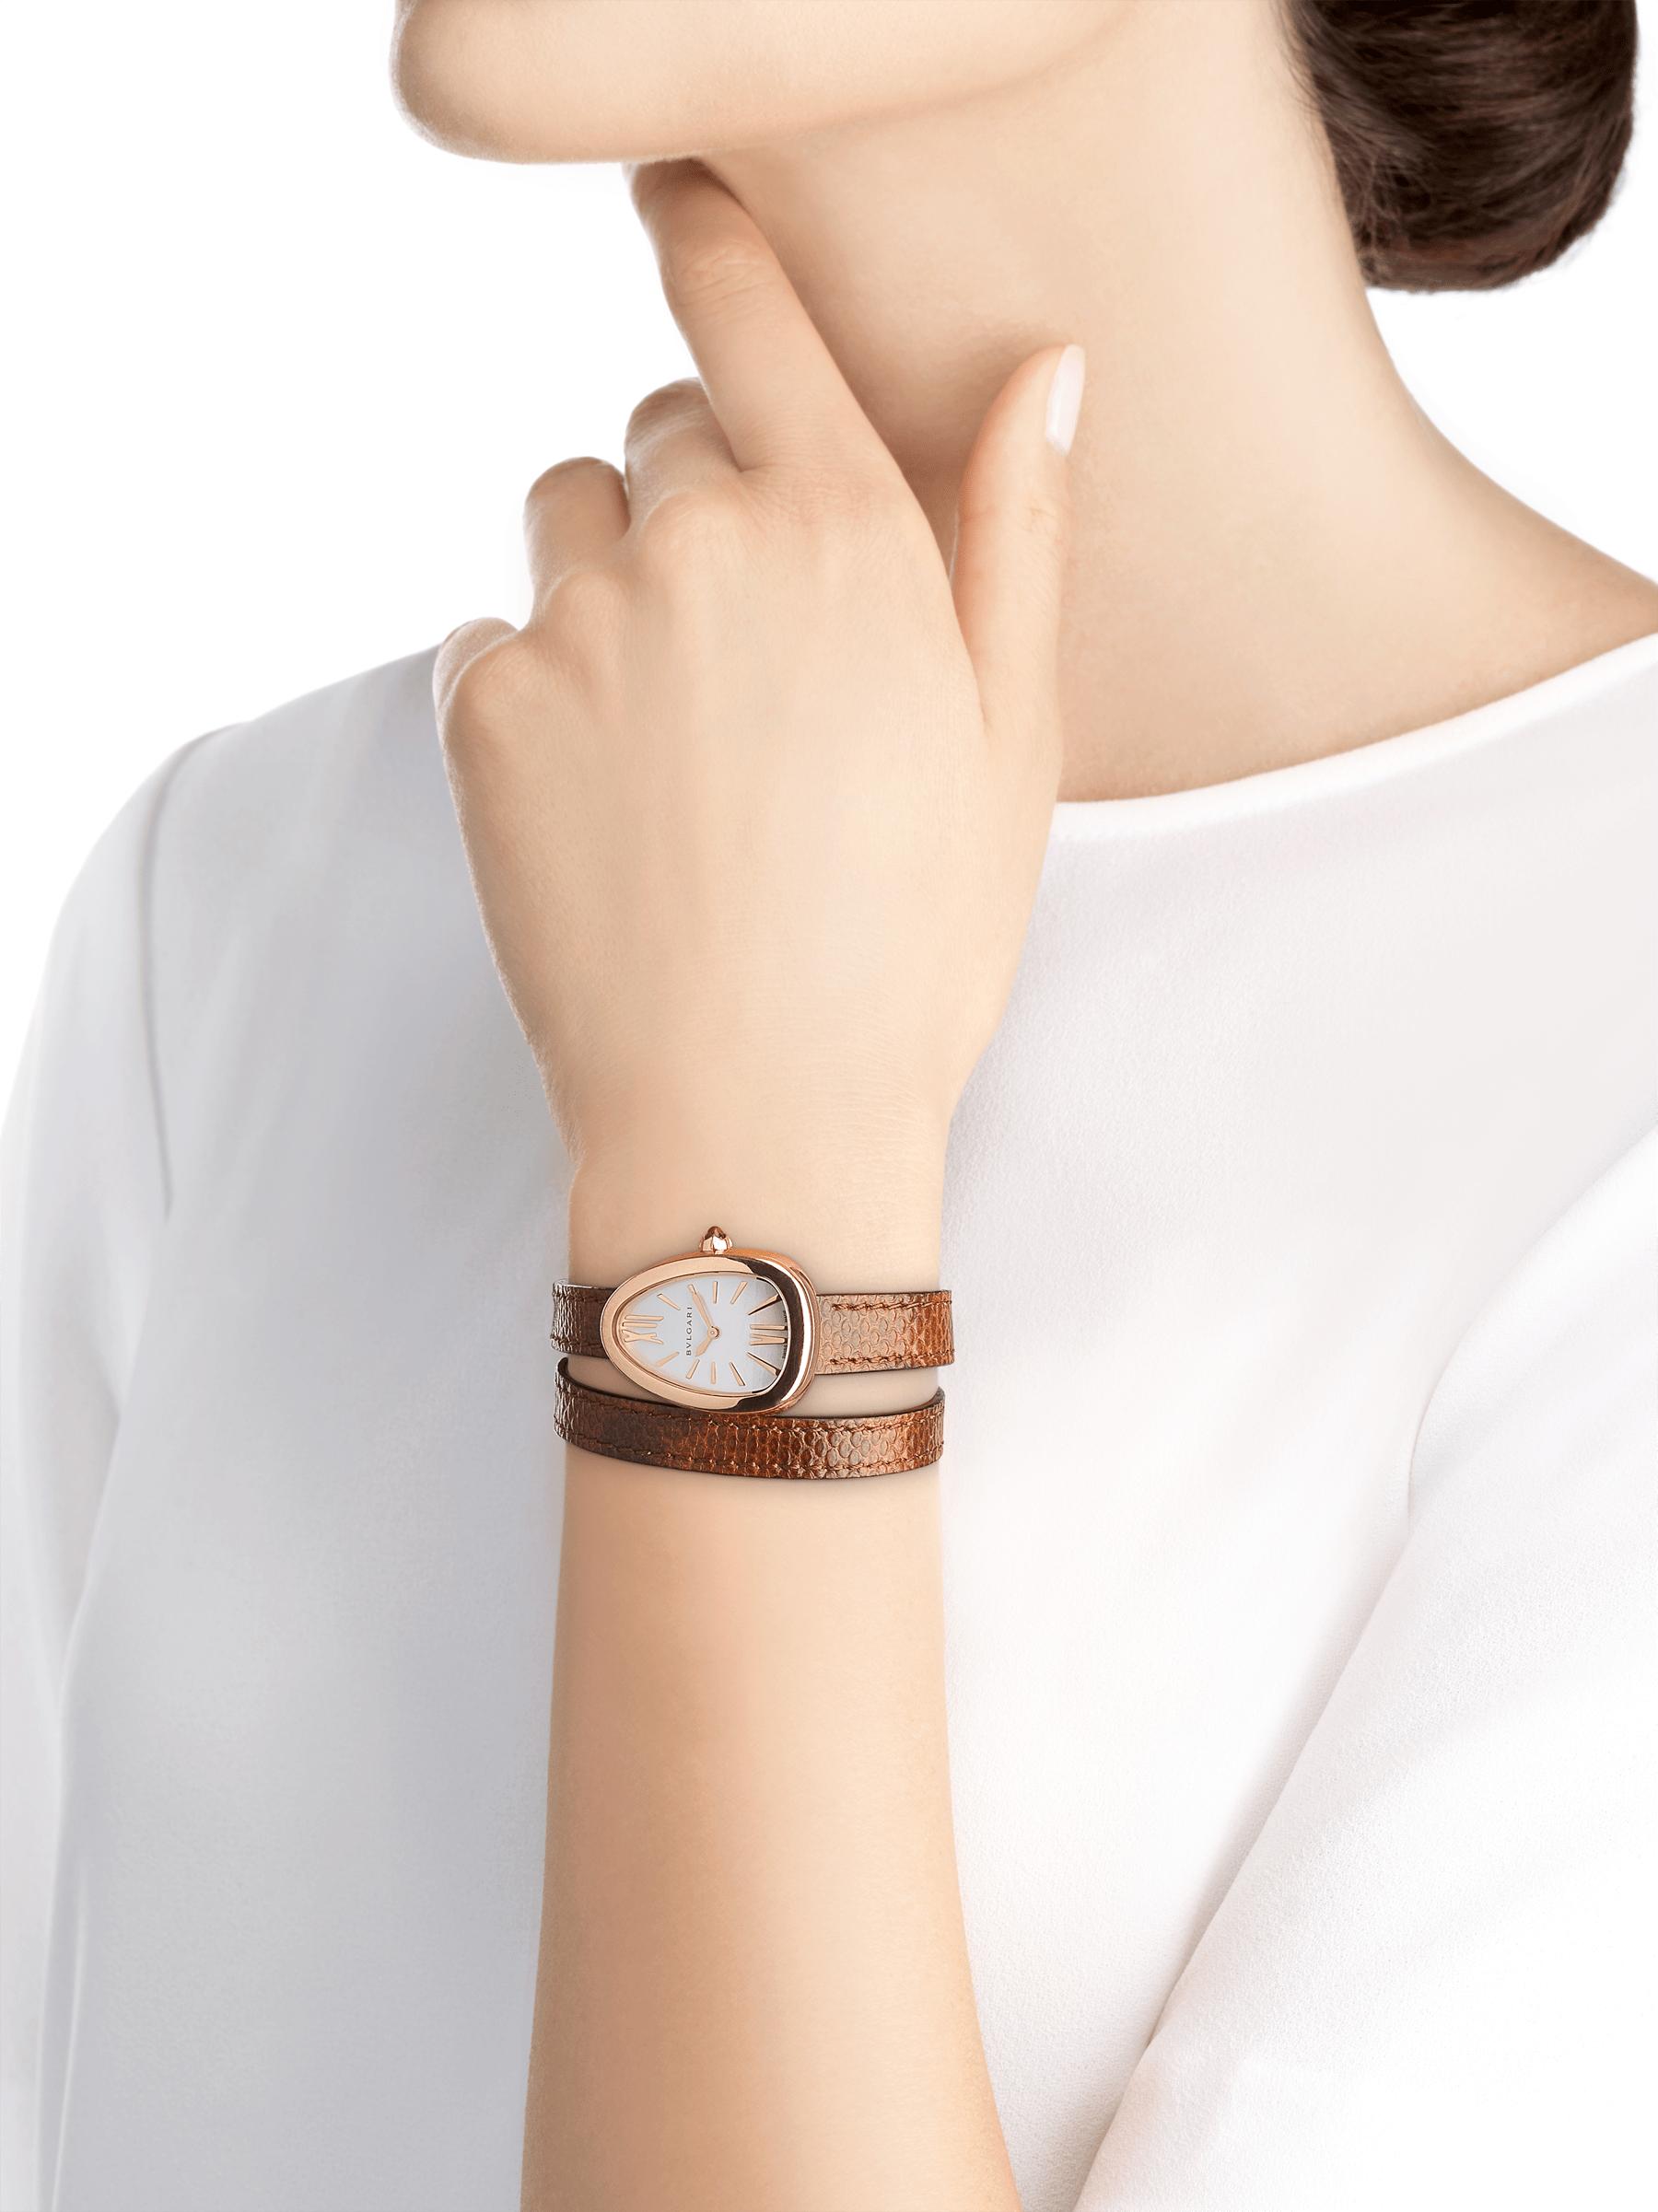 Orologio Serpenti con cassa in oro rosa 18 kt, quadrante bianco in madreperla e bracciale intercambiabile a doppia spirale in karung marrone. 102919 image 3